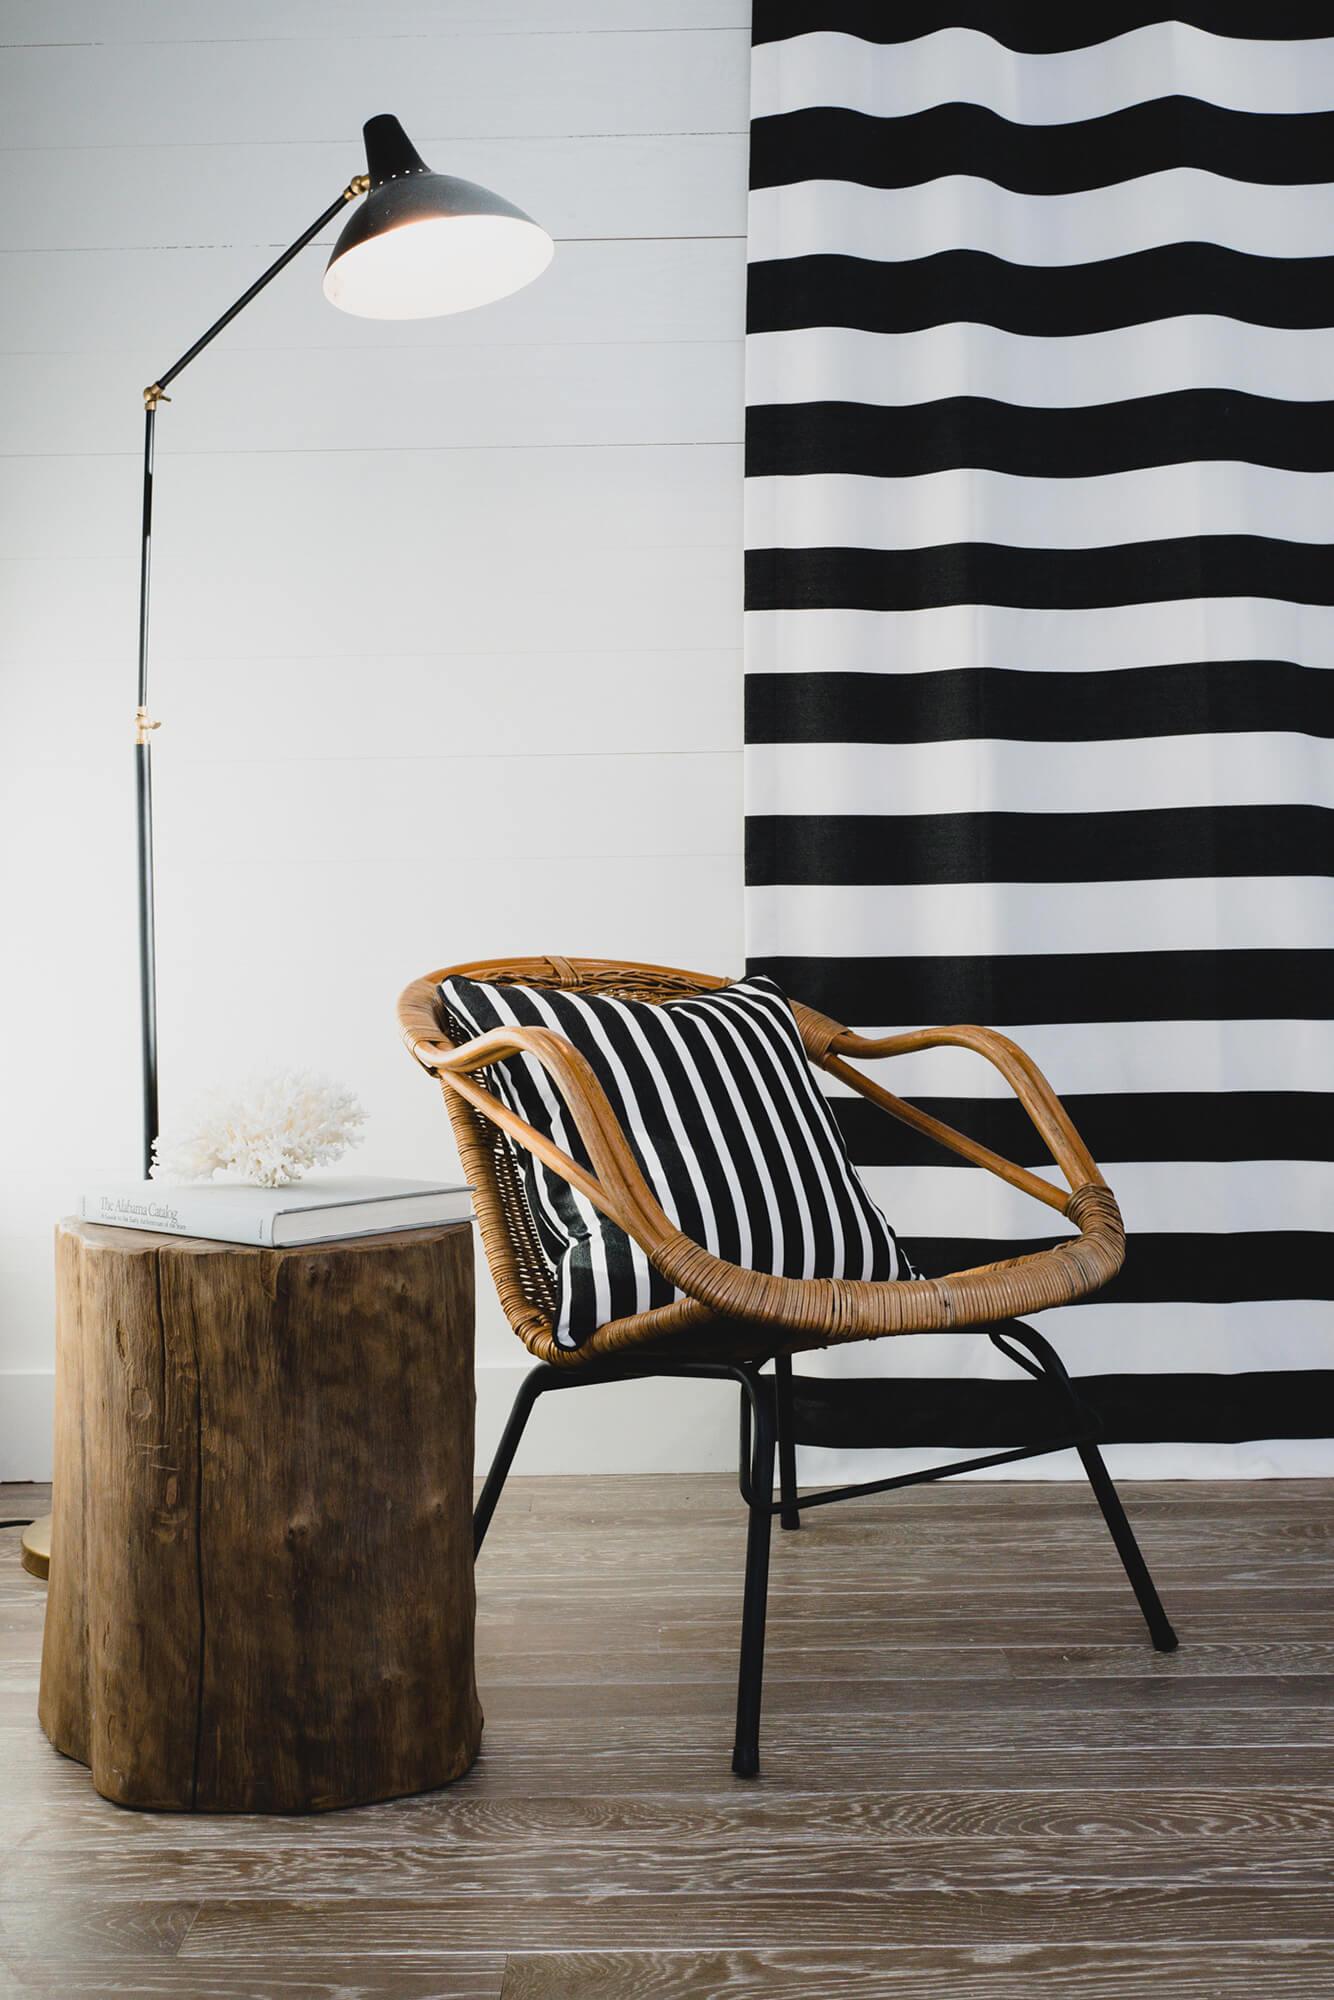 Sedia con cuscino a strisce bianche e nere con drappi bianchi e neri sullo sfondo